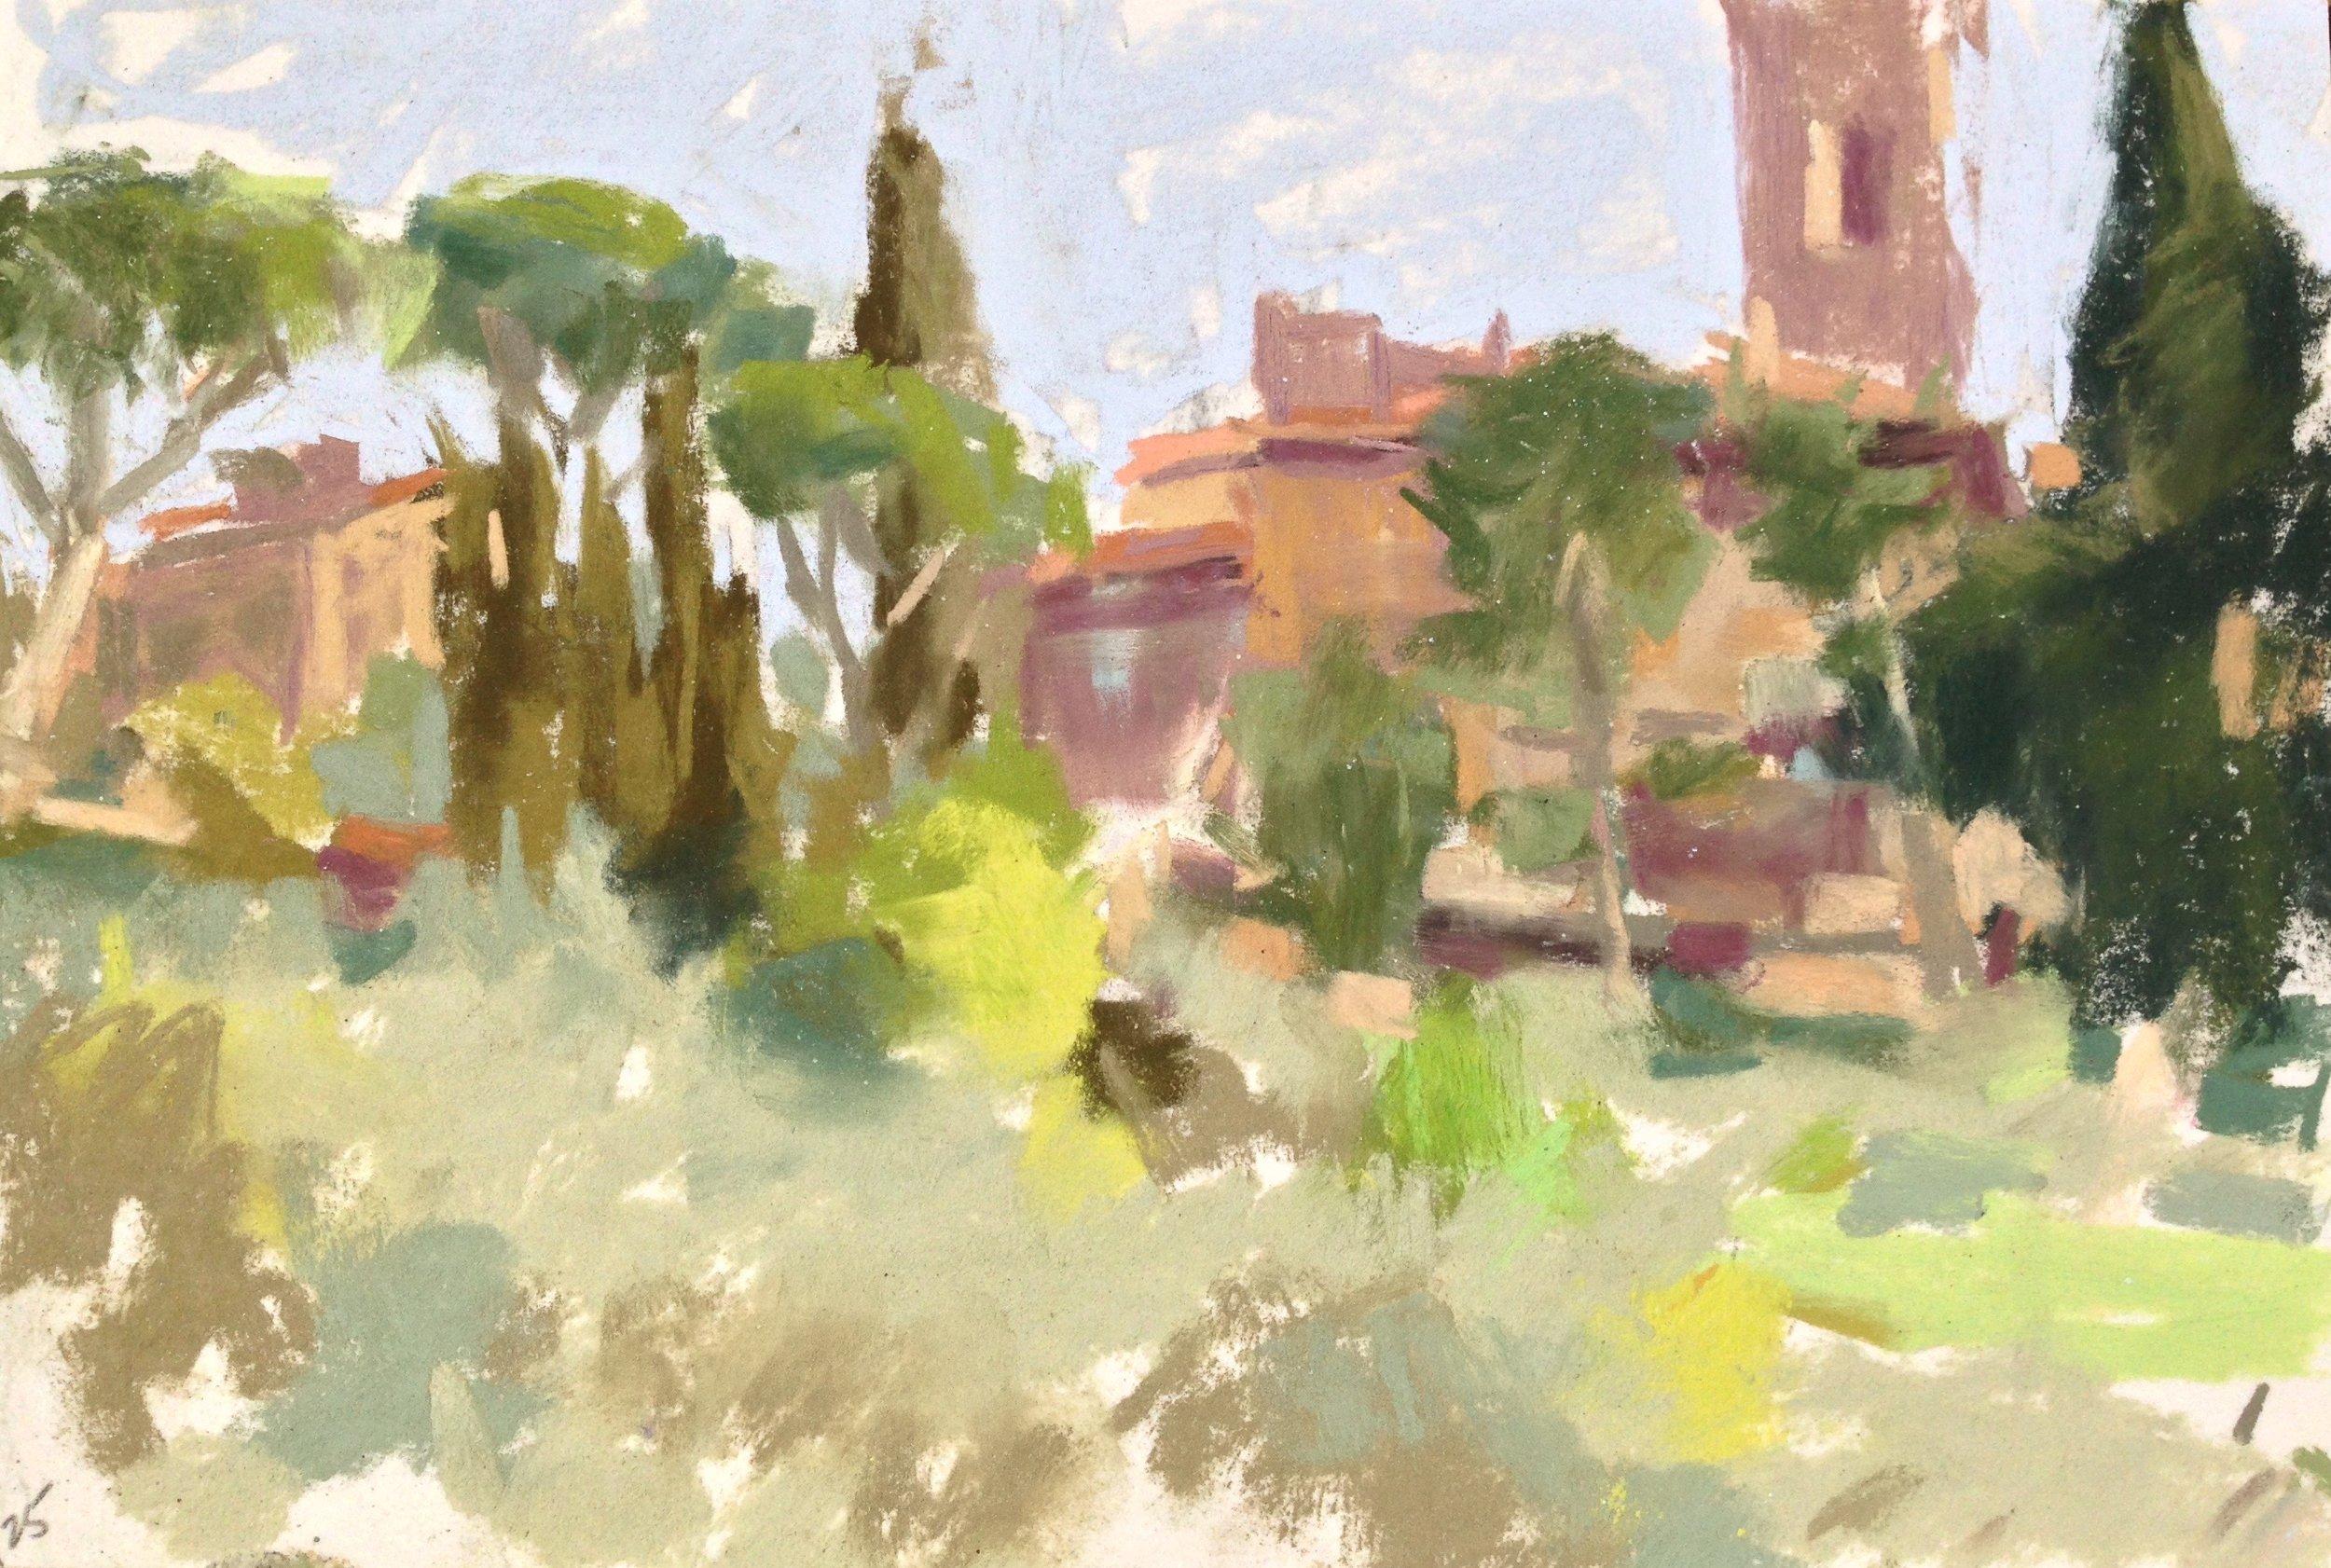 Settignano Hillside, Mar 25